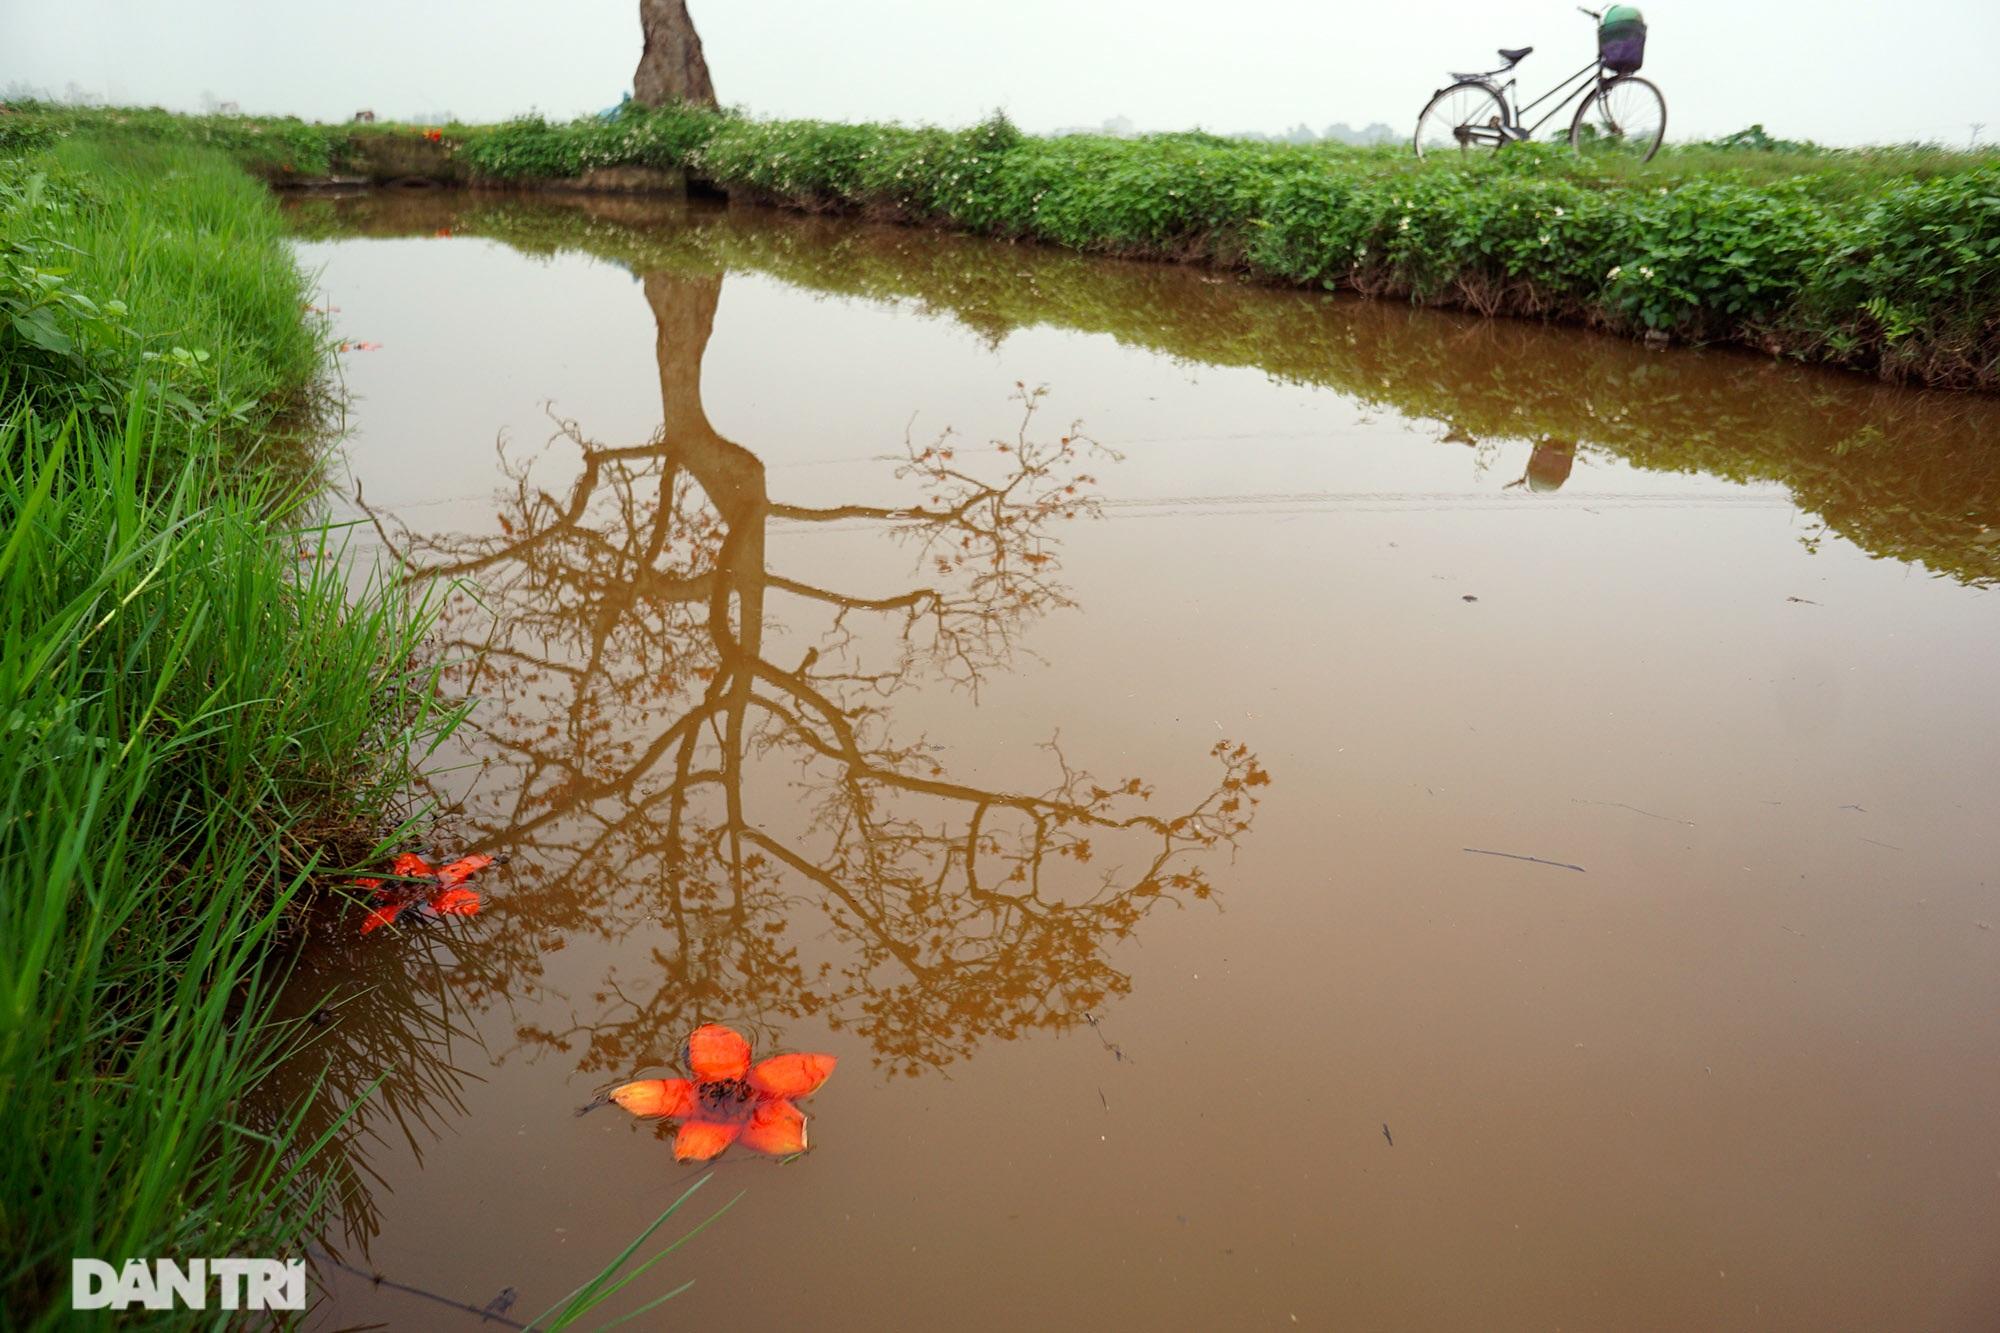 Hoa gạo nở đẹp sâu lắng vùng ngoại thành Hà Nội - 4